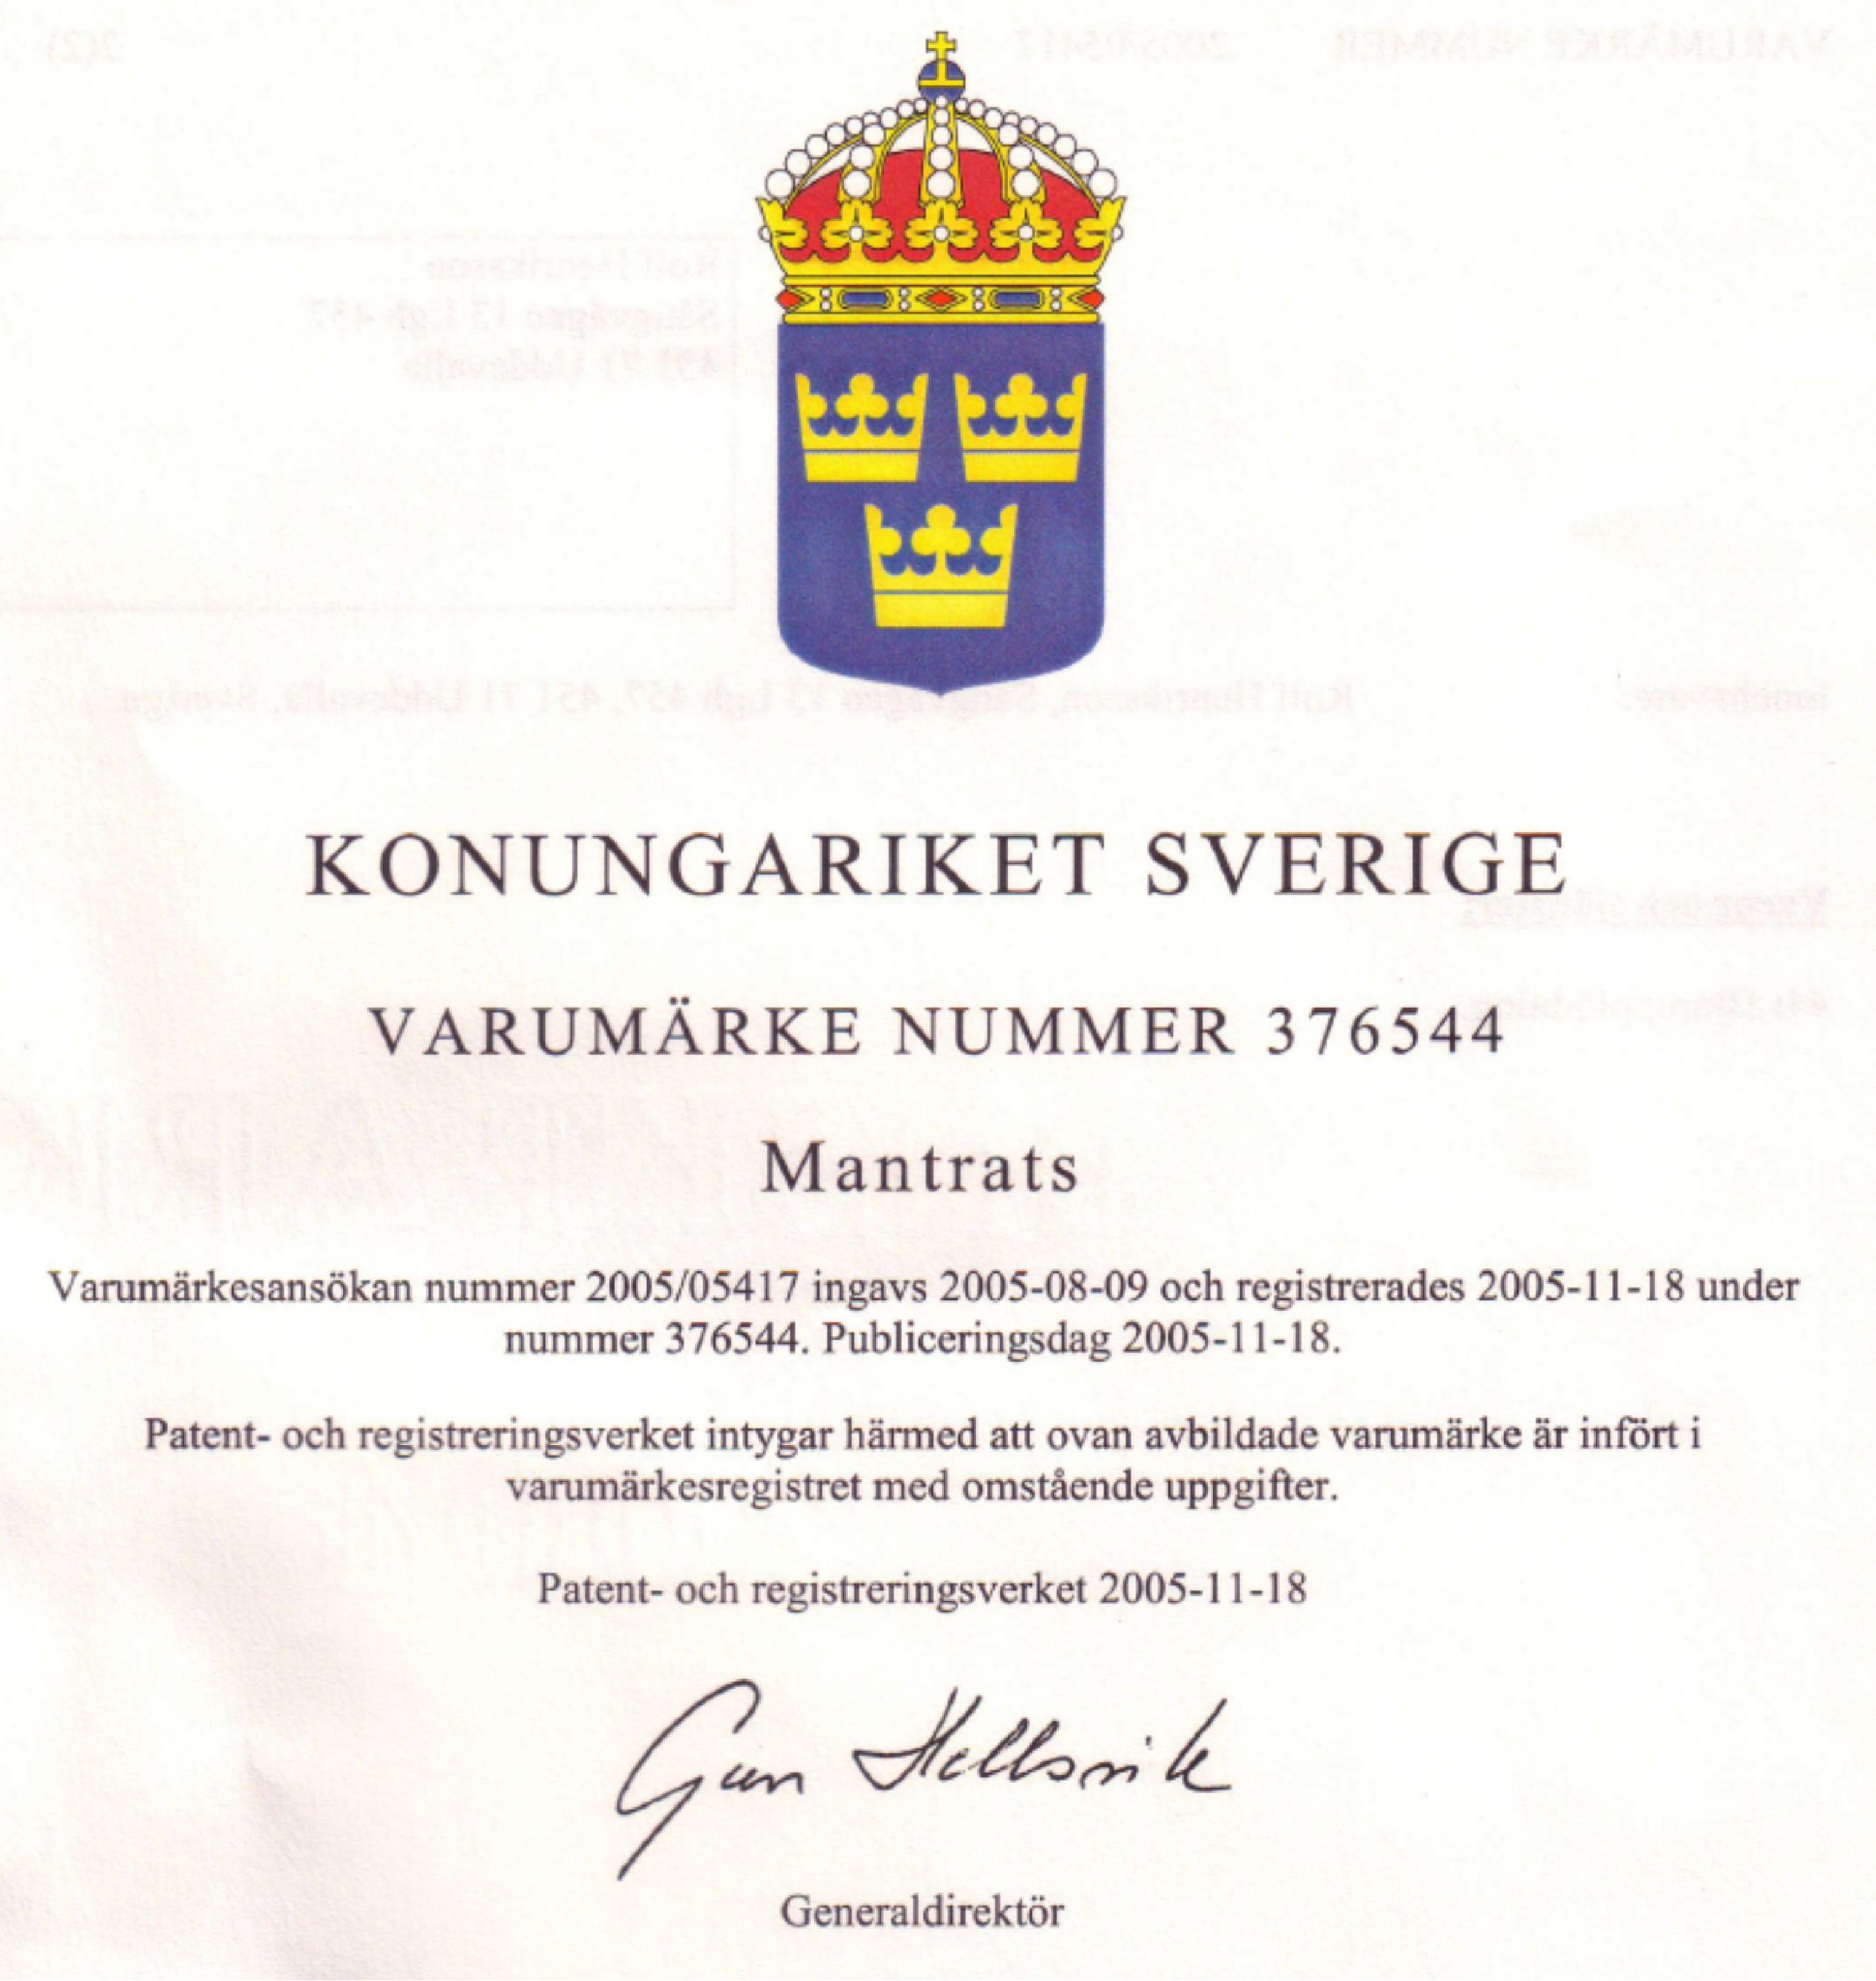 """Dokumentet som visar att stamnamnet """"Mantrats"""" är ett registrerat varumärke. Undertecknat av Gun Helsvik"""